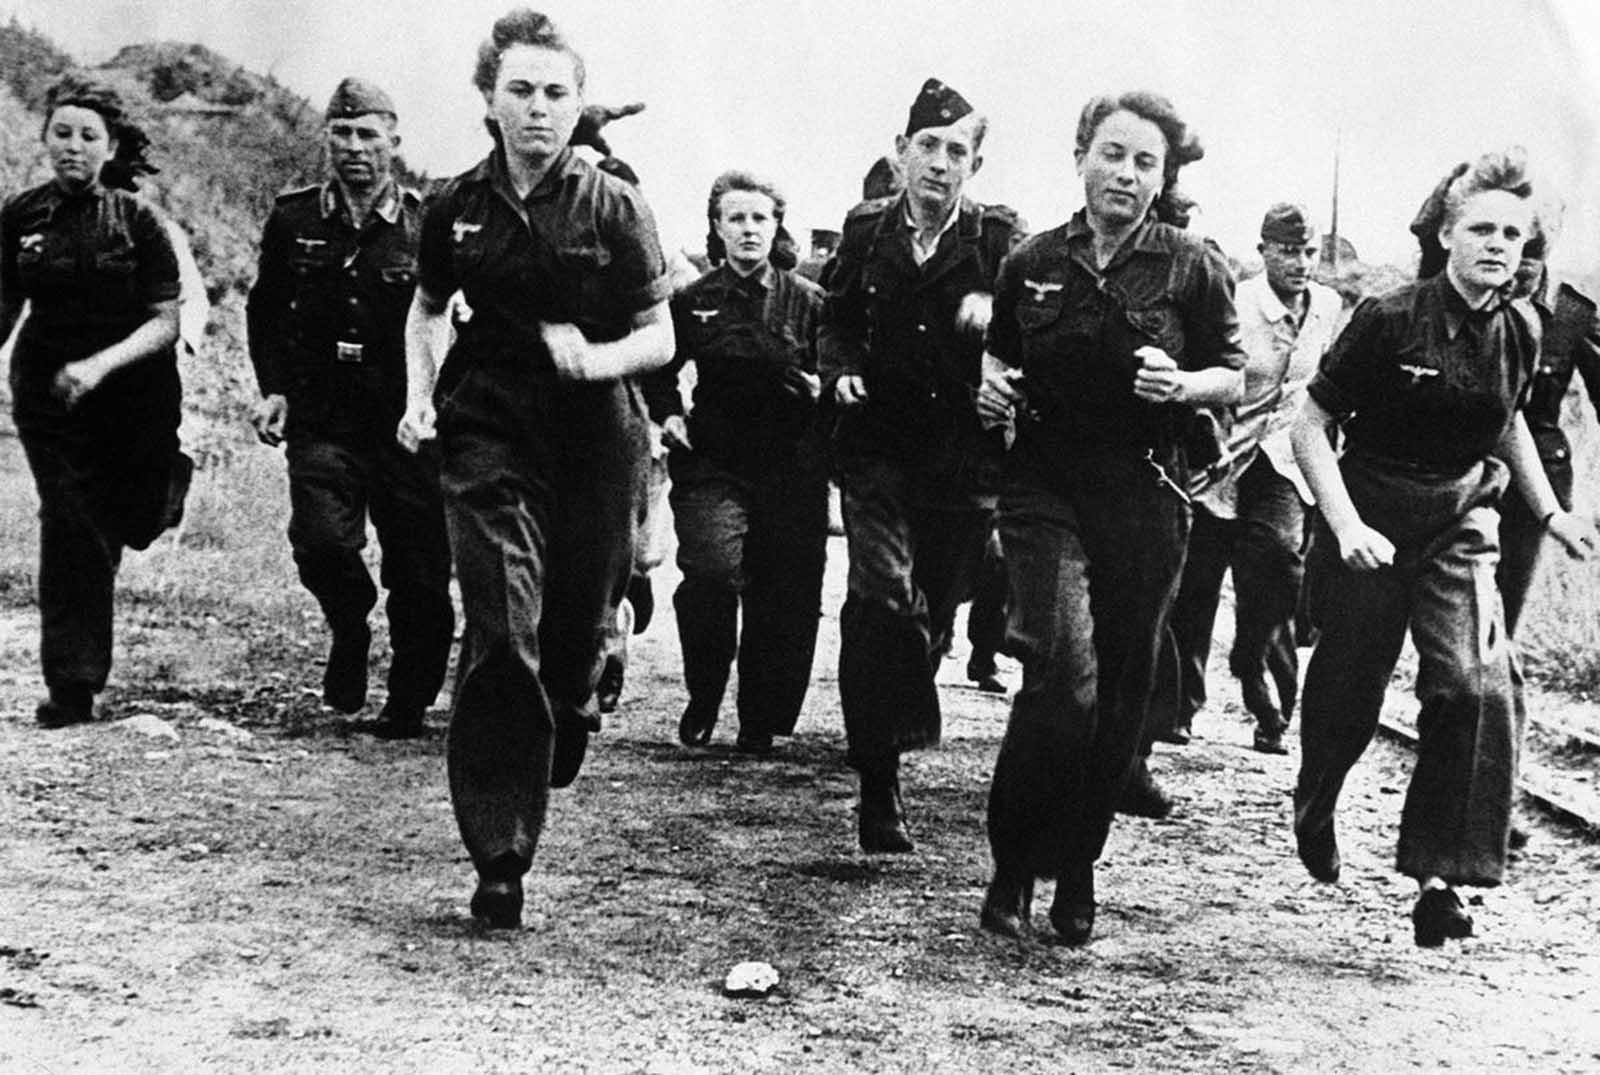 7 декември 1944 г.:с напредването на войната все повече жени се присъединяват към Луфтвафе (германските военновъздушни сили)